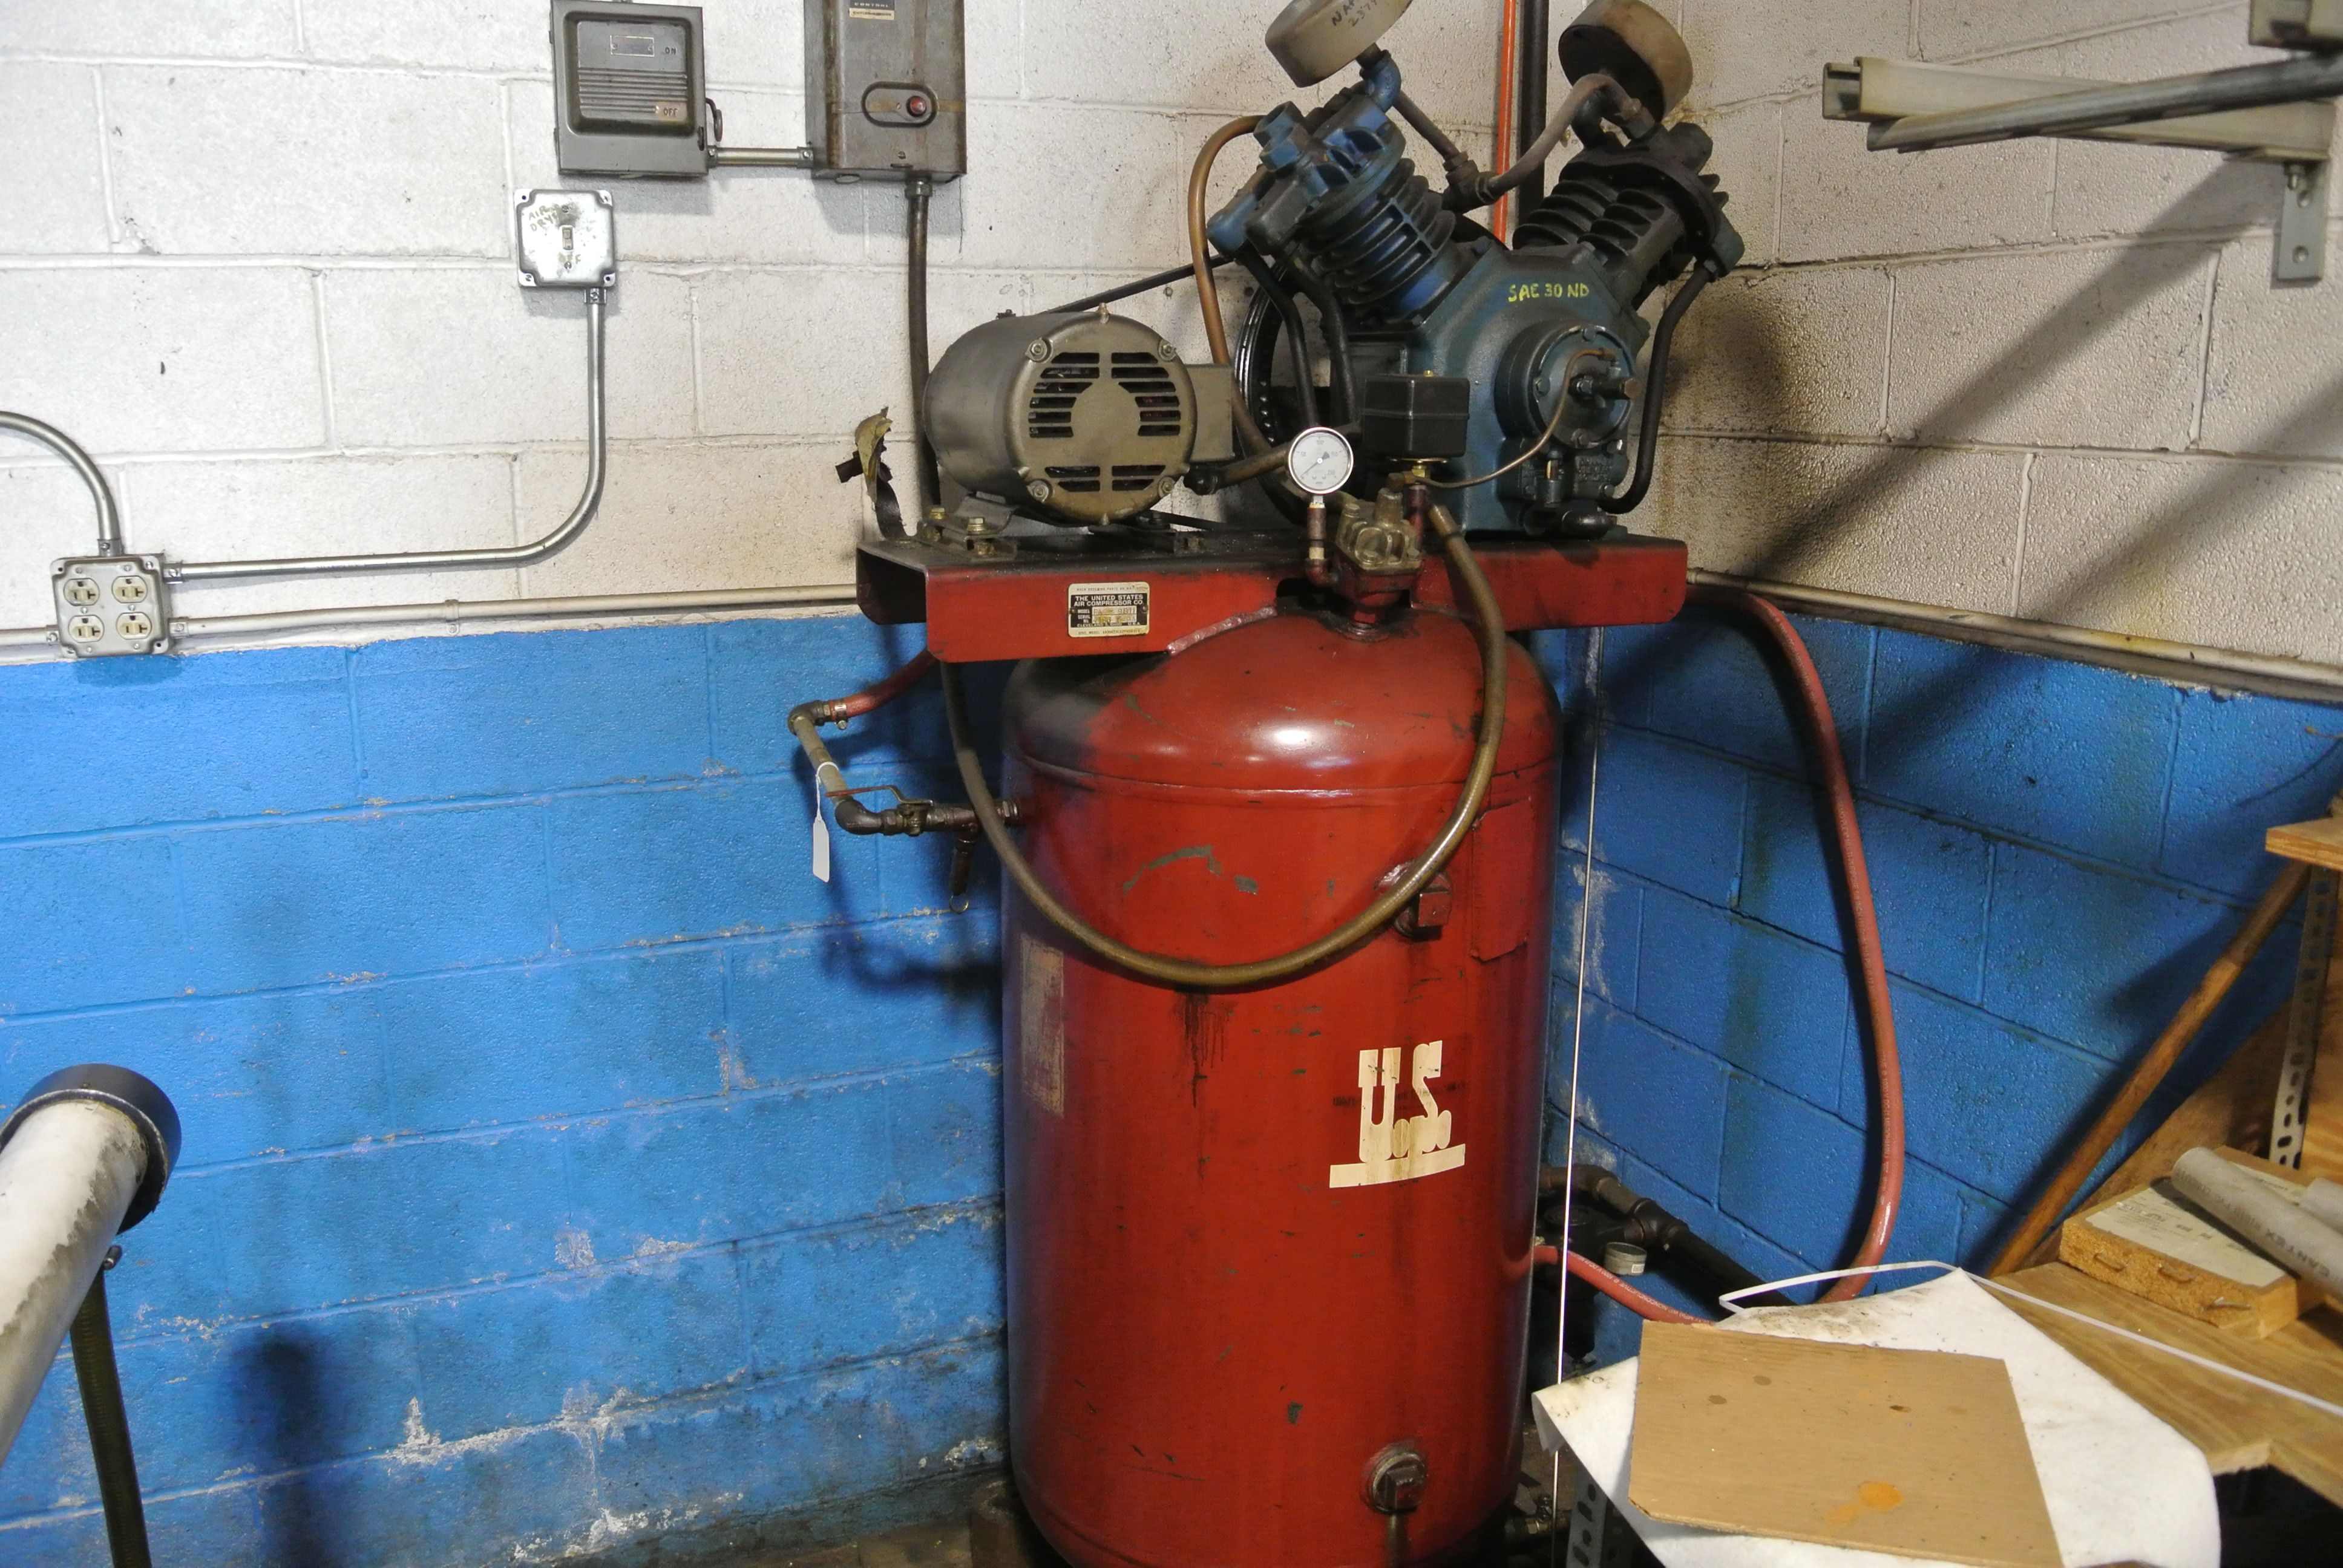 60 gallon 5hp Vertical US Air Compressor. FA9811 model number